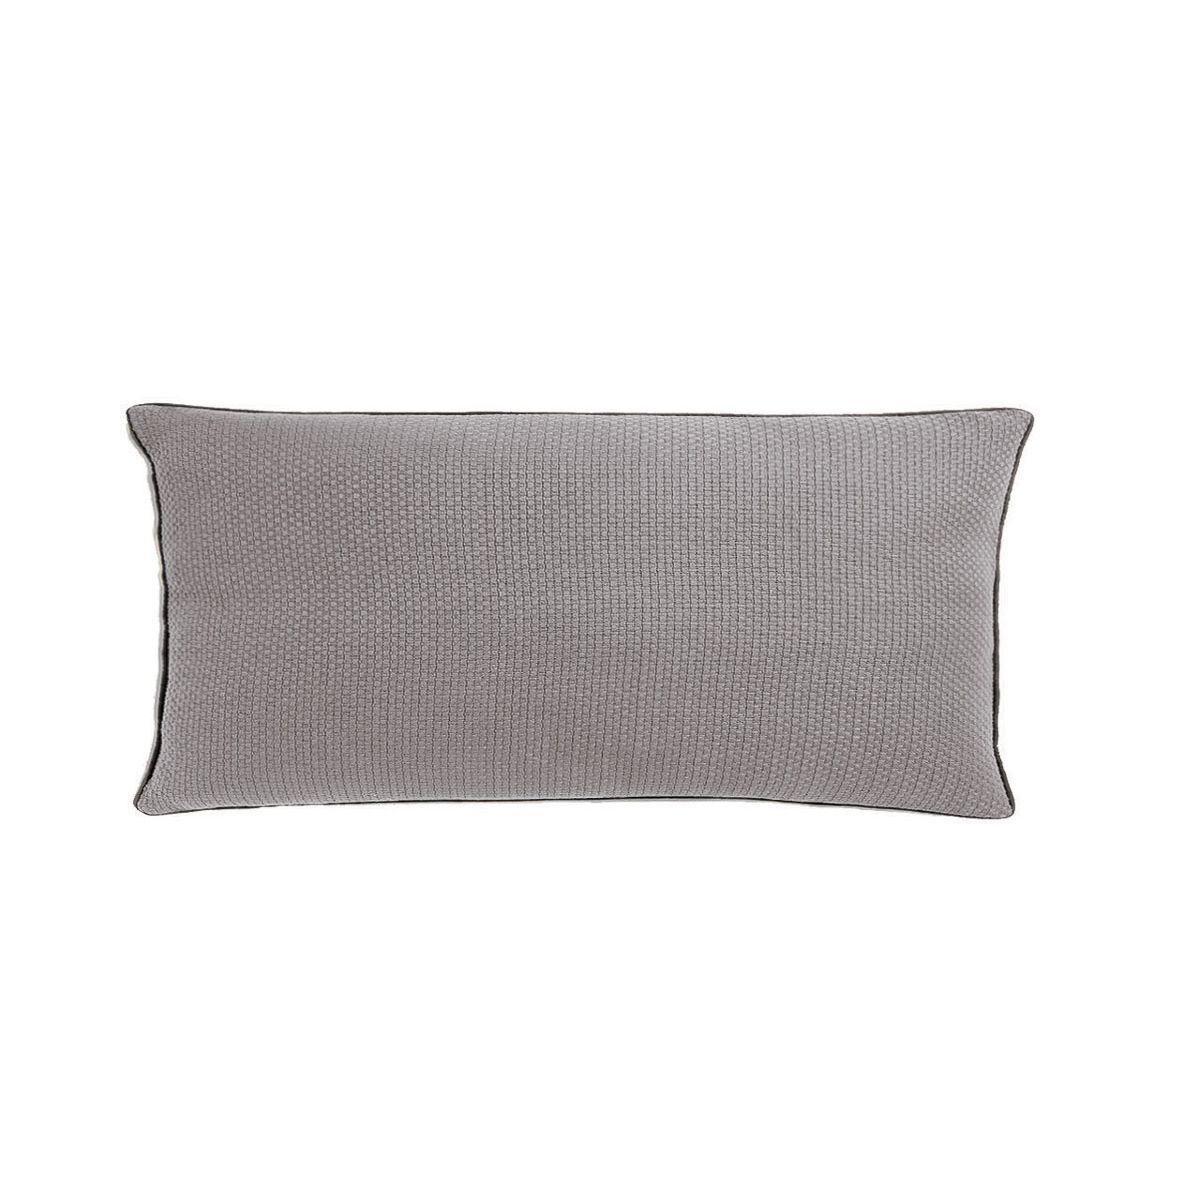 coussin gris rectangulaire 30 x 60 cm style loft industriel isak zago store. Black Bedroom Furniture Sets. Home Design Ideas